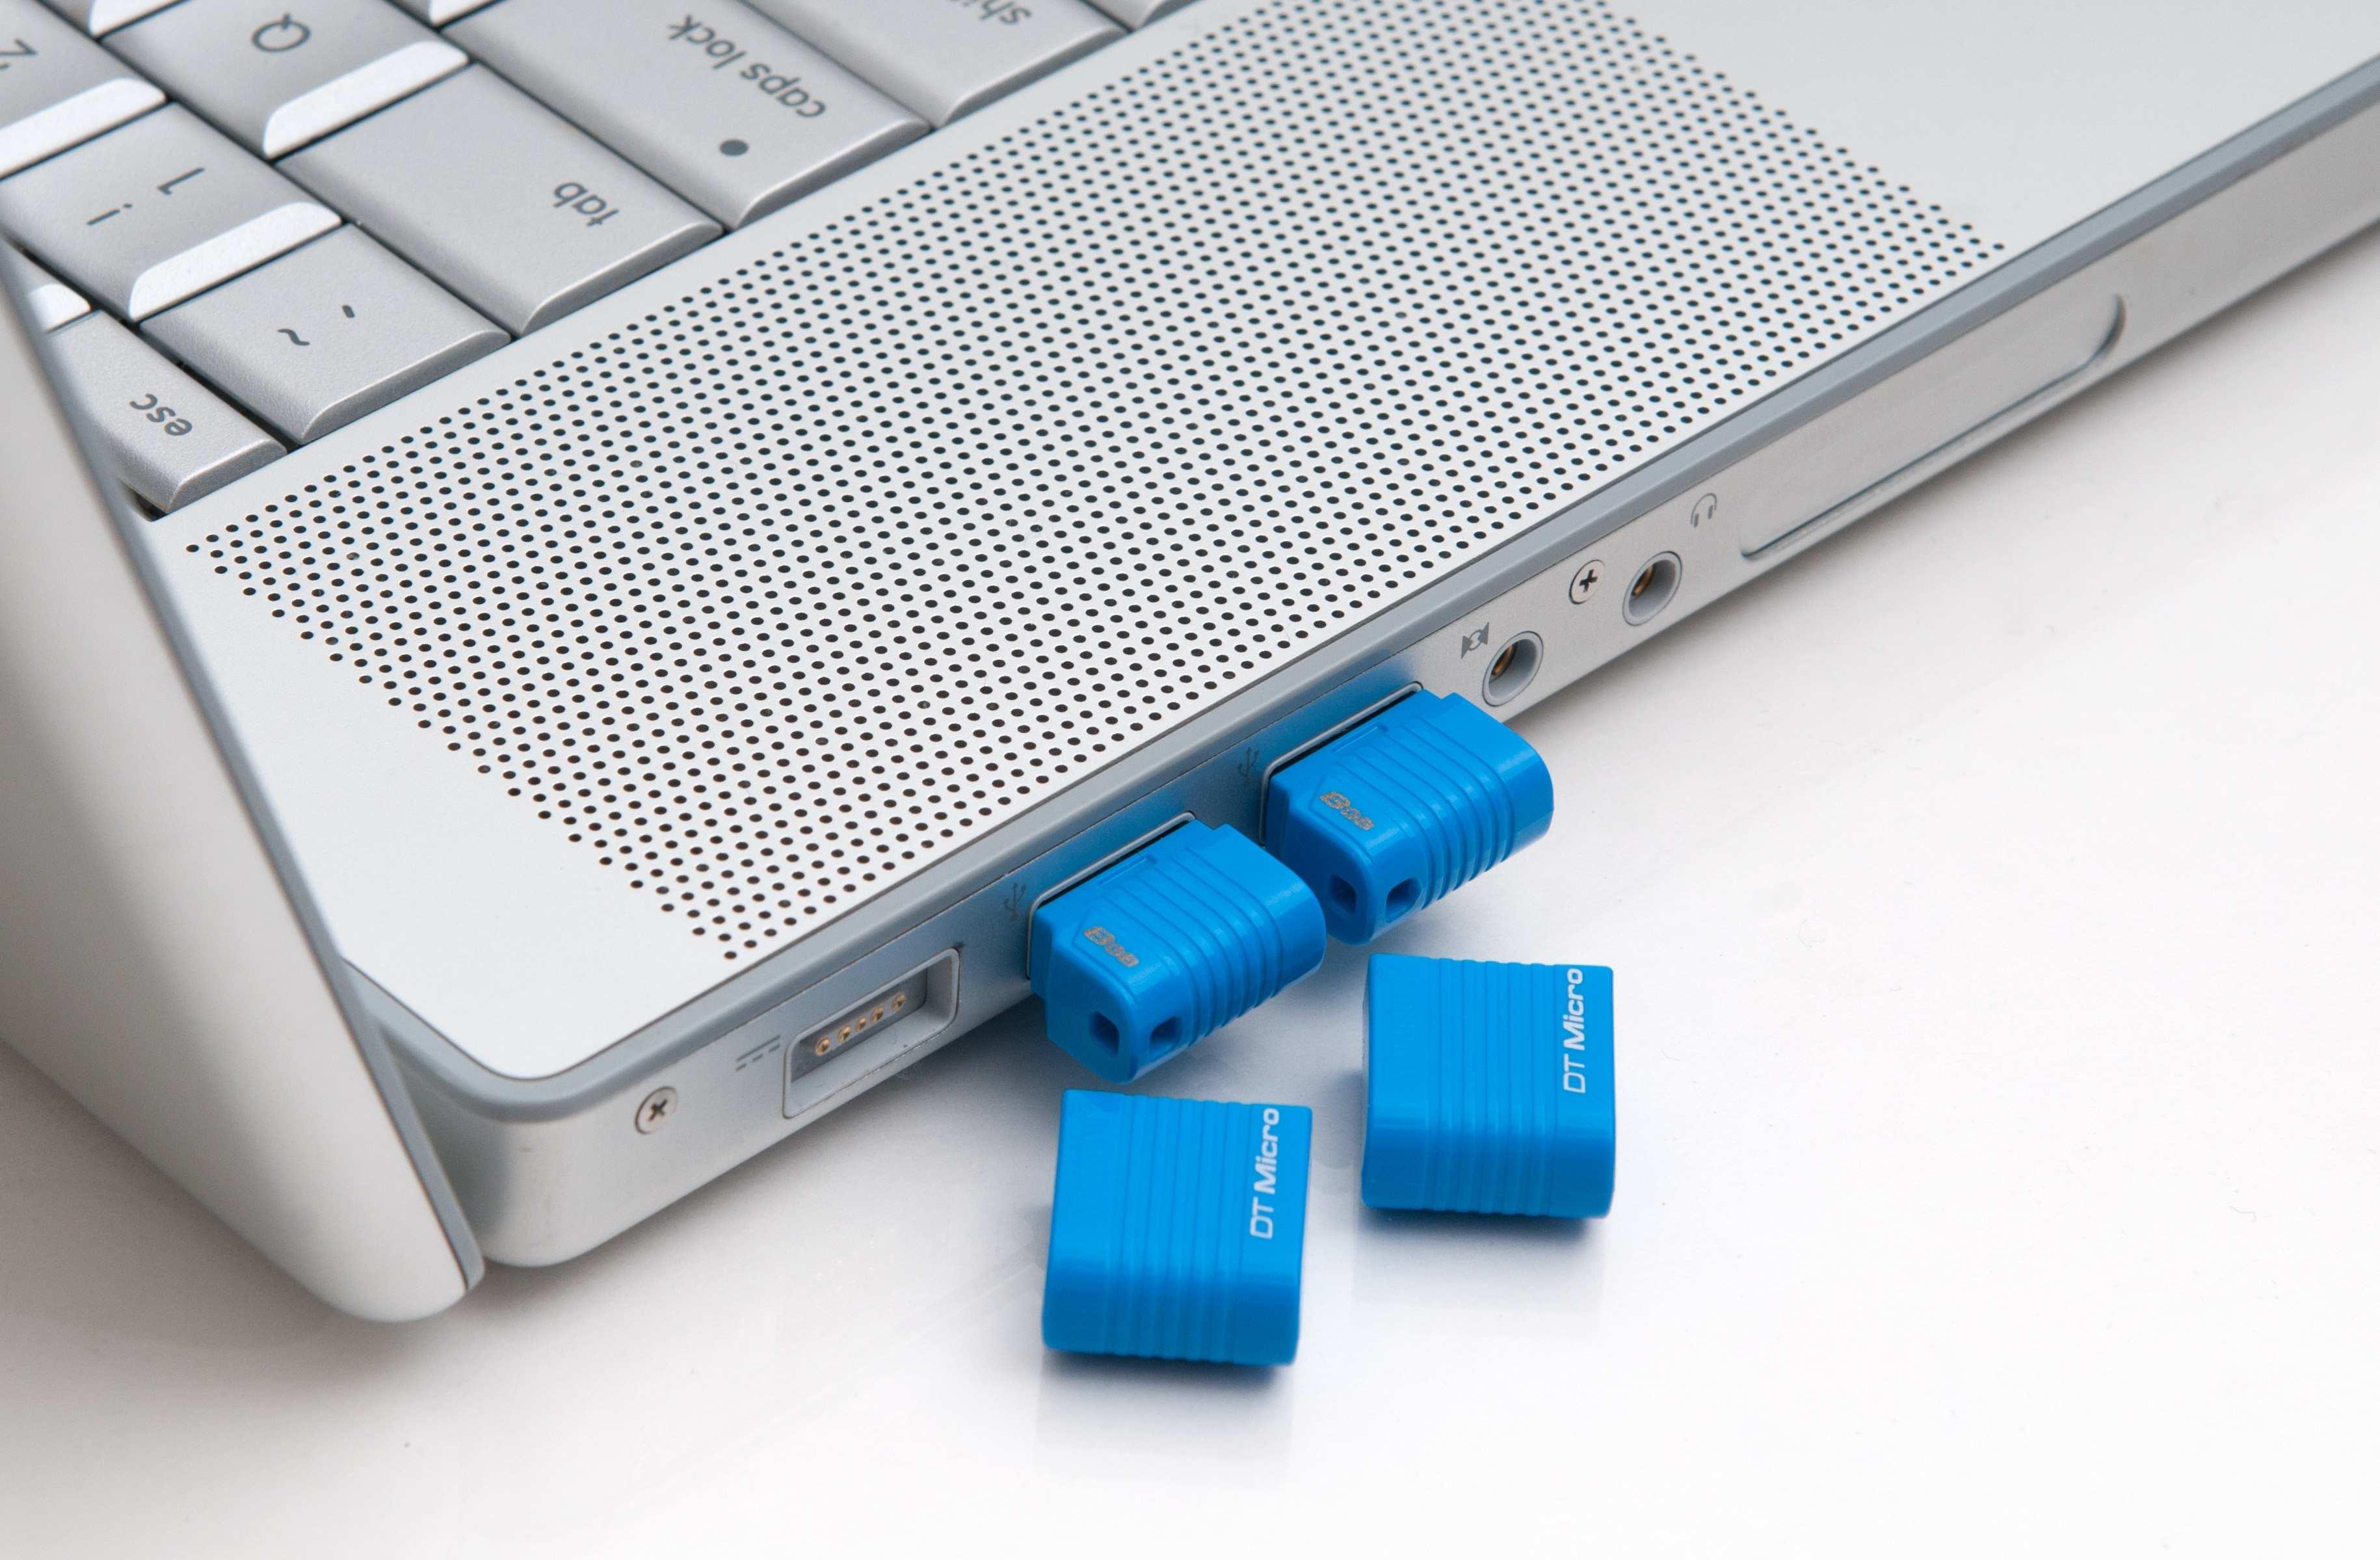 Regali tecnologici: la minuscola Kingston DataTraveler Micro